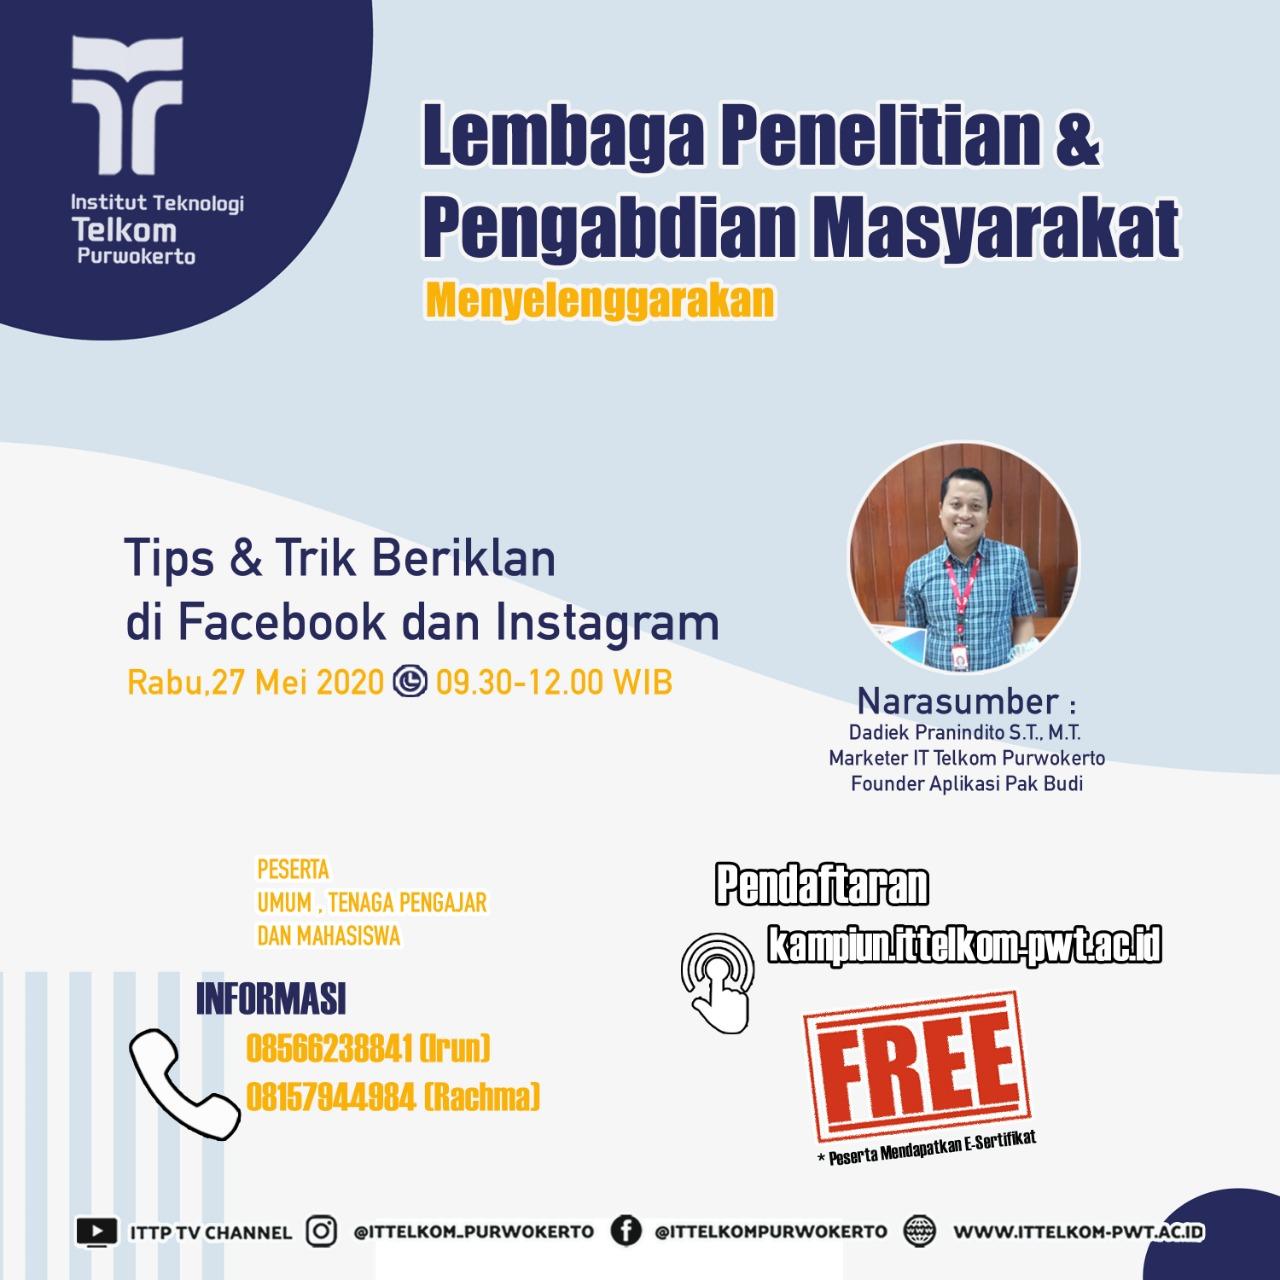 Tips & Trik Beriklan di Facebook dan Instagram